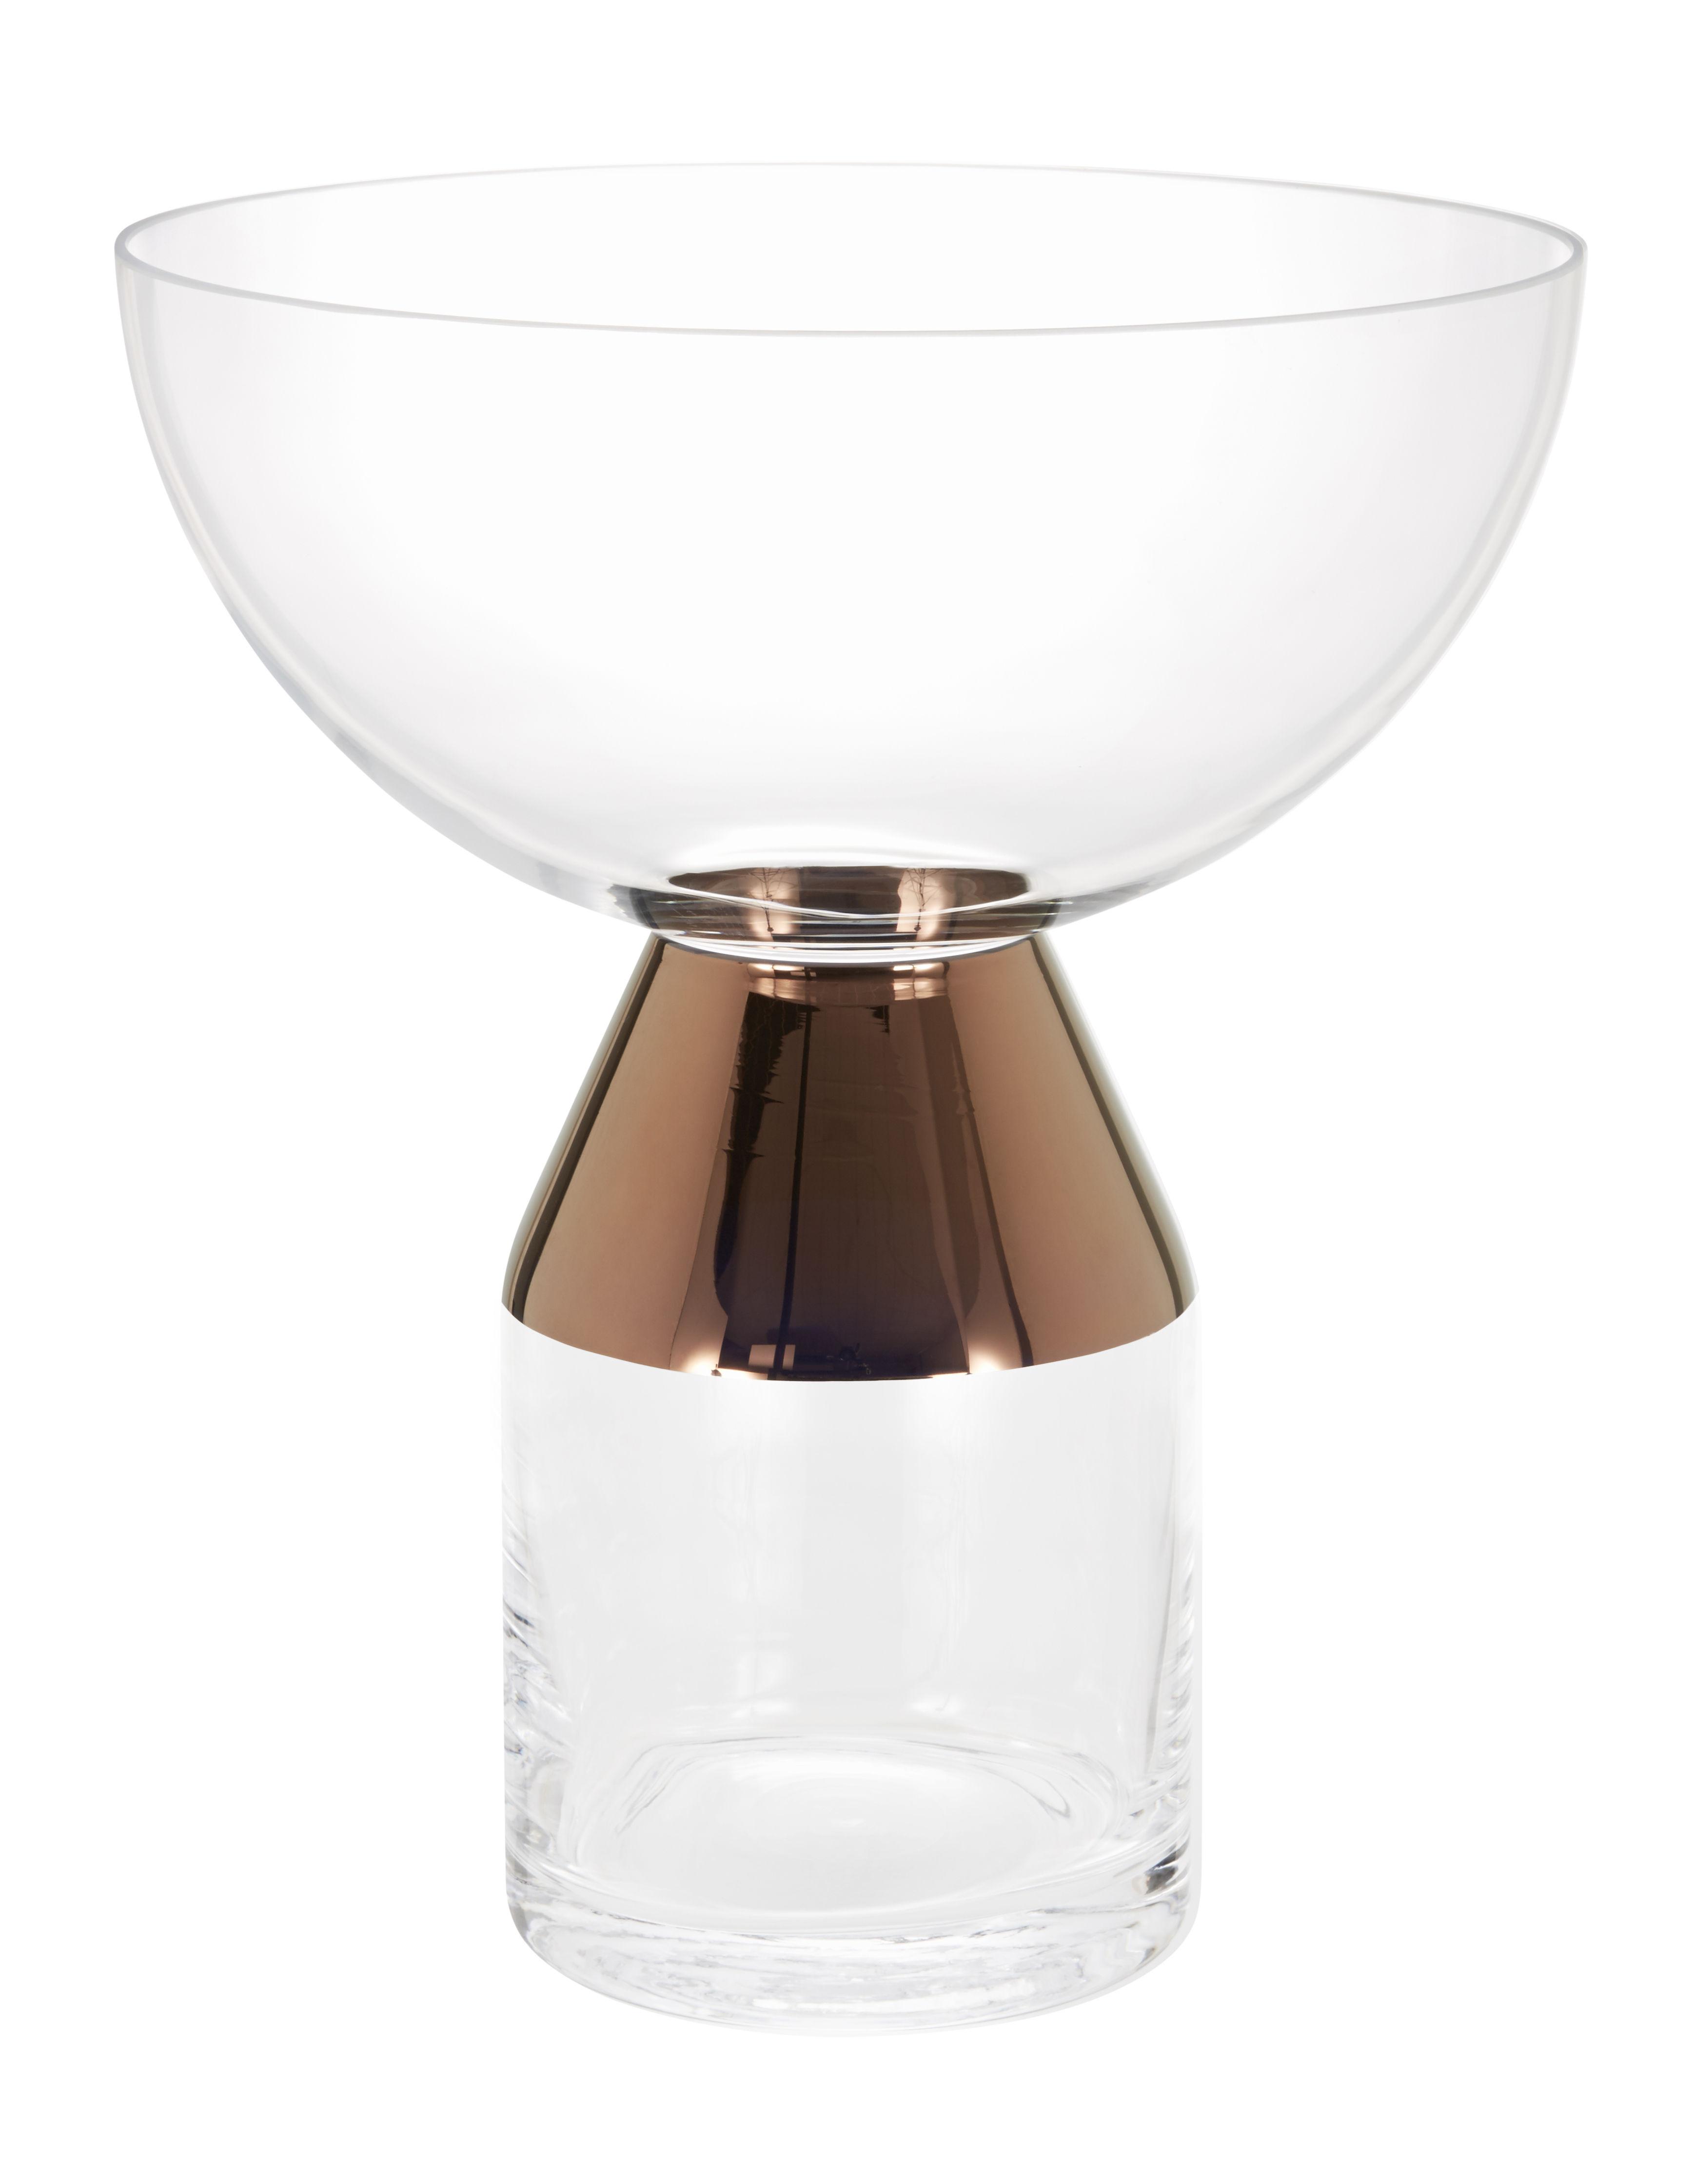 Dekoration - Vasen - Tank Vase / large - Tom Dixon - Transparent / Kupfer - mundgeblasenes Glas